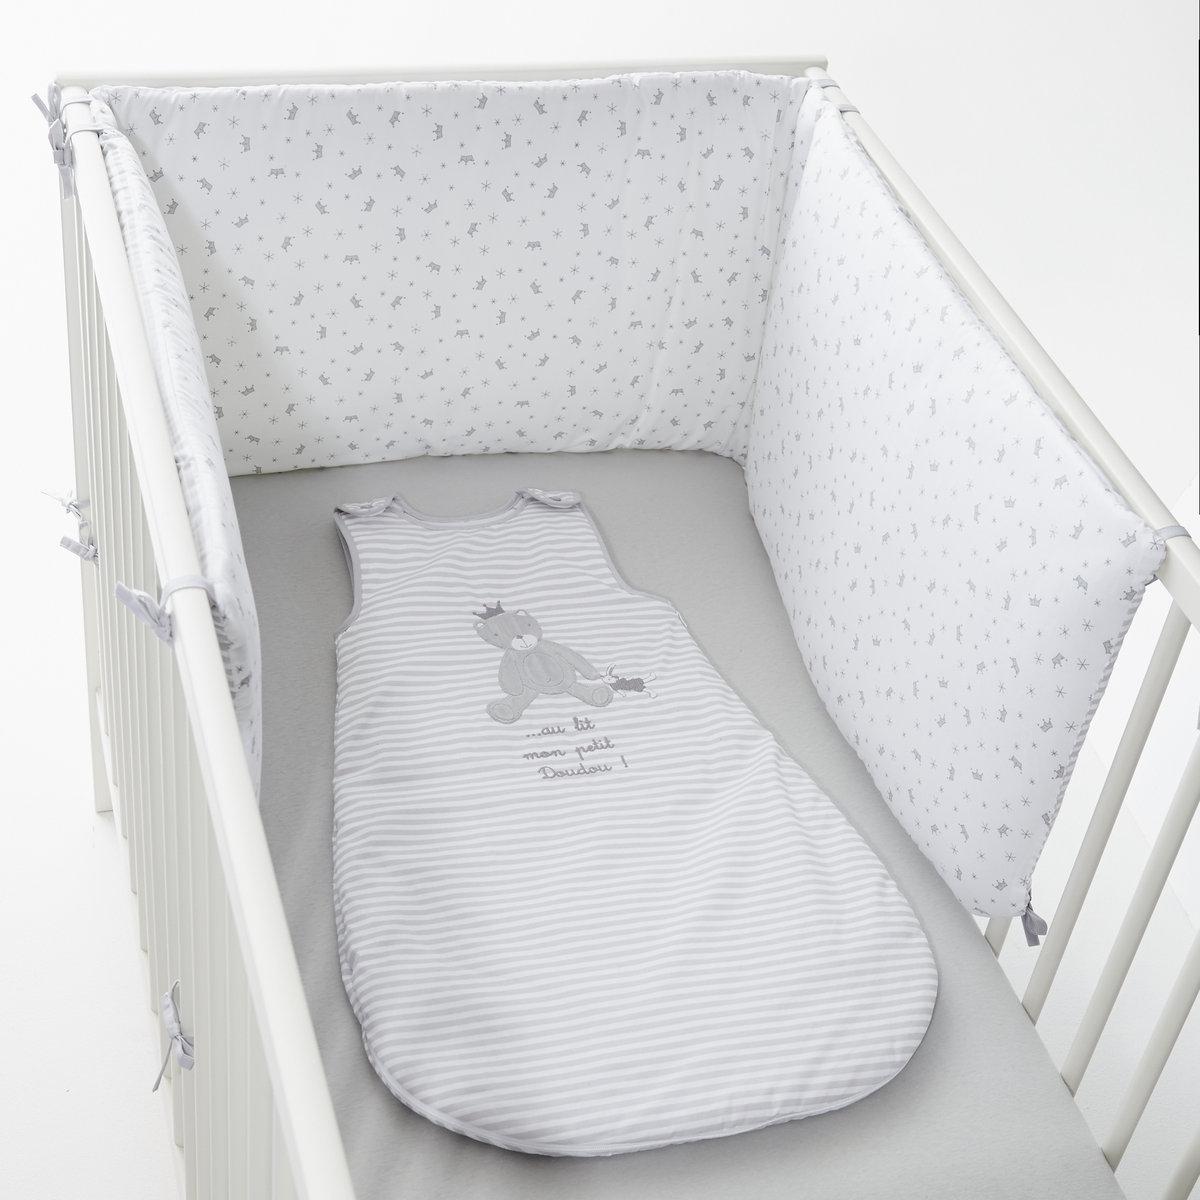 Защитная панель для детской кроватки коронаЗащитная панель для детской кроватки корона, из перкали, 100% хлопка. Лицевая сторона в полоску. Оборотная сторона однотонная, с рисунком в виде корон и звезд. 3 панели на завязках. Размеры : 40 x 180 см. Этот полог подходит для кроваток с решеткой 60 x 120 см и 70 x 140 см. Состав и описание :Материал: перкаль, 100% хлопка высокого качества (80 нитей/cm?).Наполнитель 100% полиэстер.Подкладка    100 % полиэстер    Уход: :Машинная стирка при 40°С<br><br>Цвет: серый/ белый